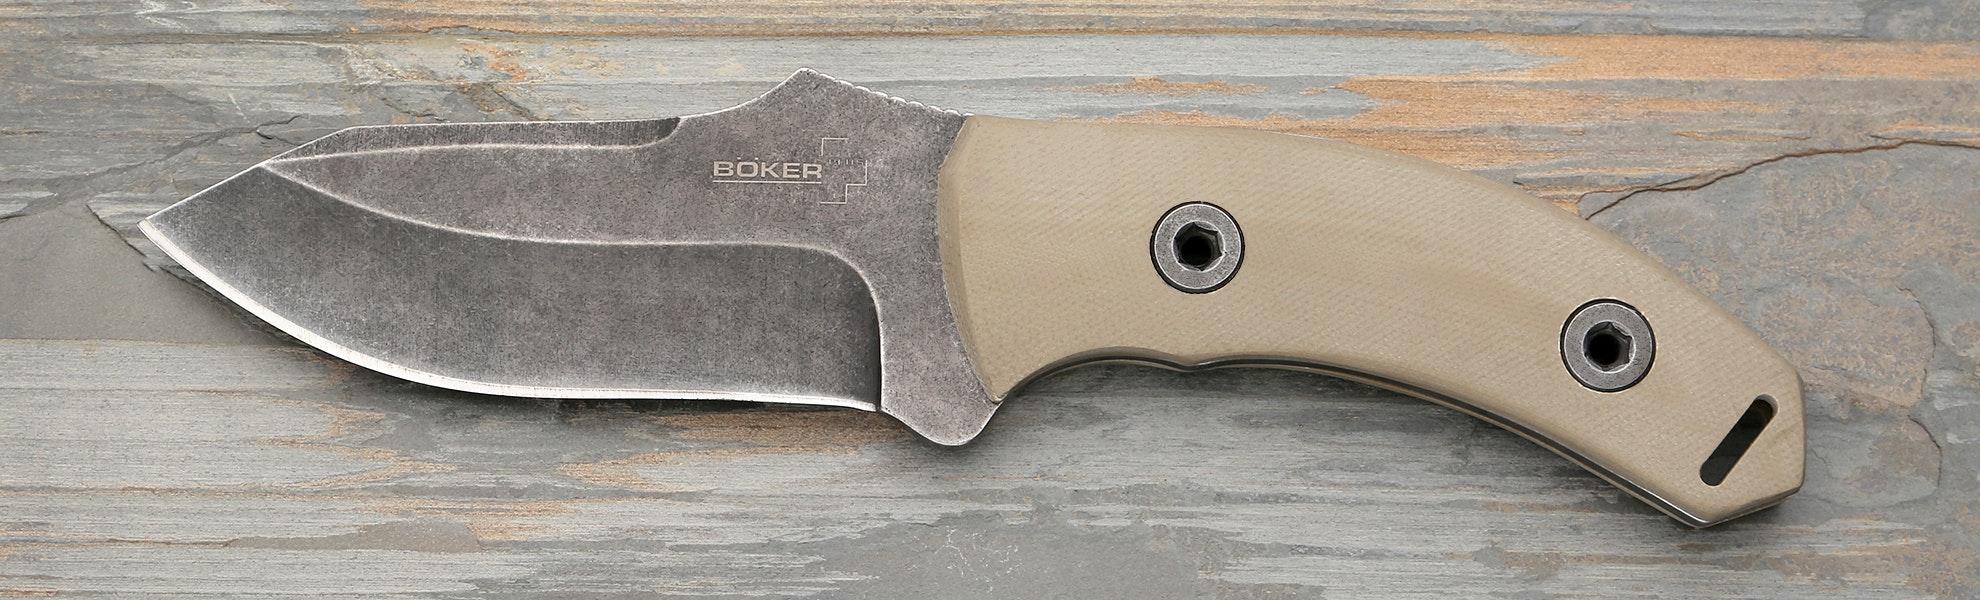 Boker Plus Exodus Fixed Stonewashed Blade Knife